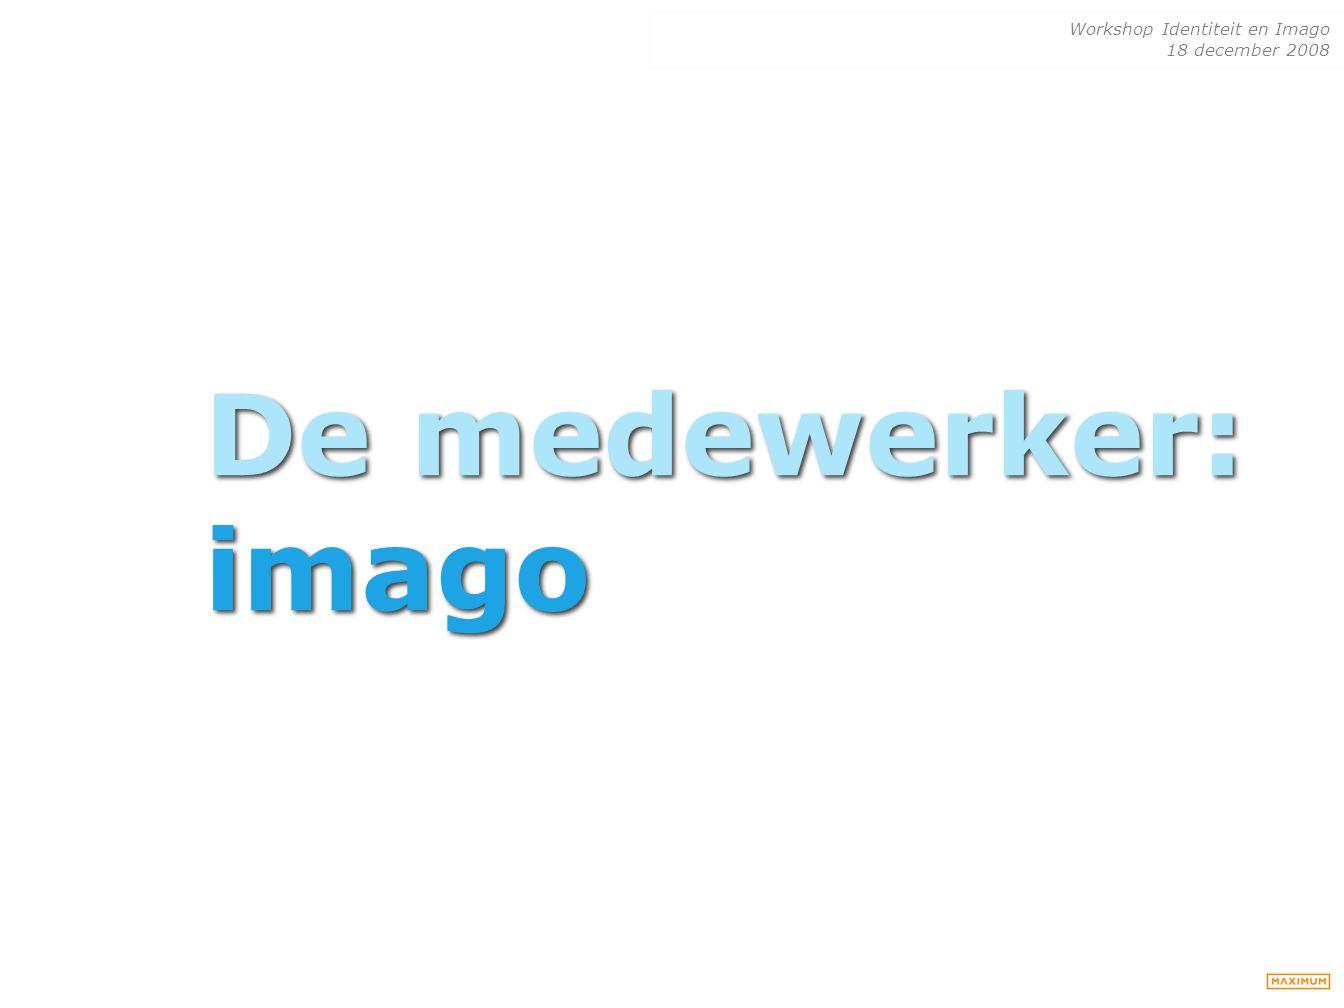 De medewerker: imago